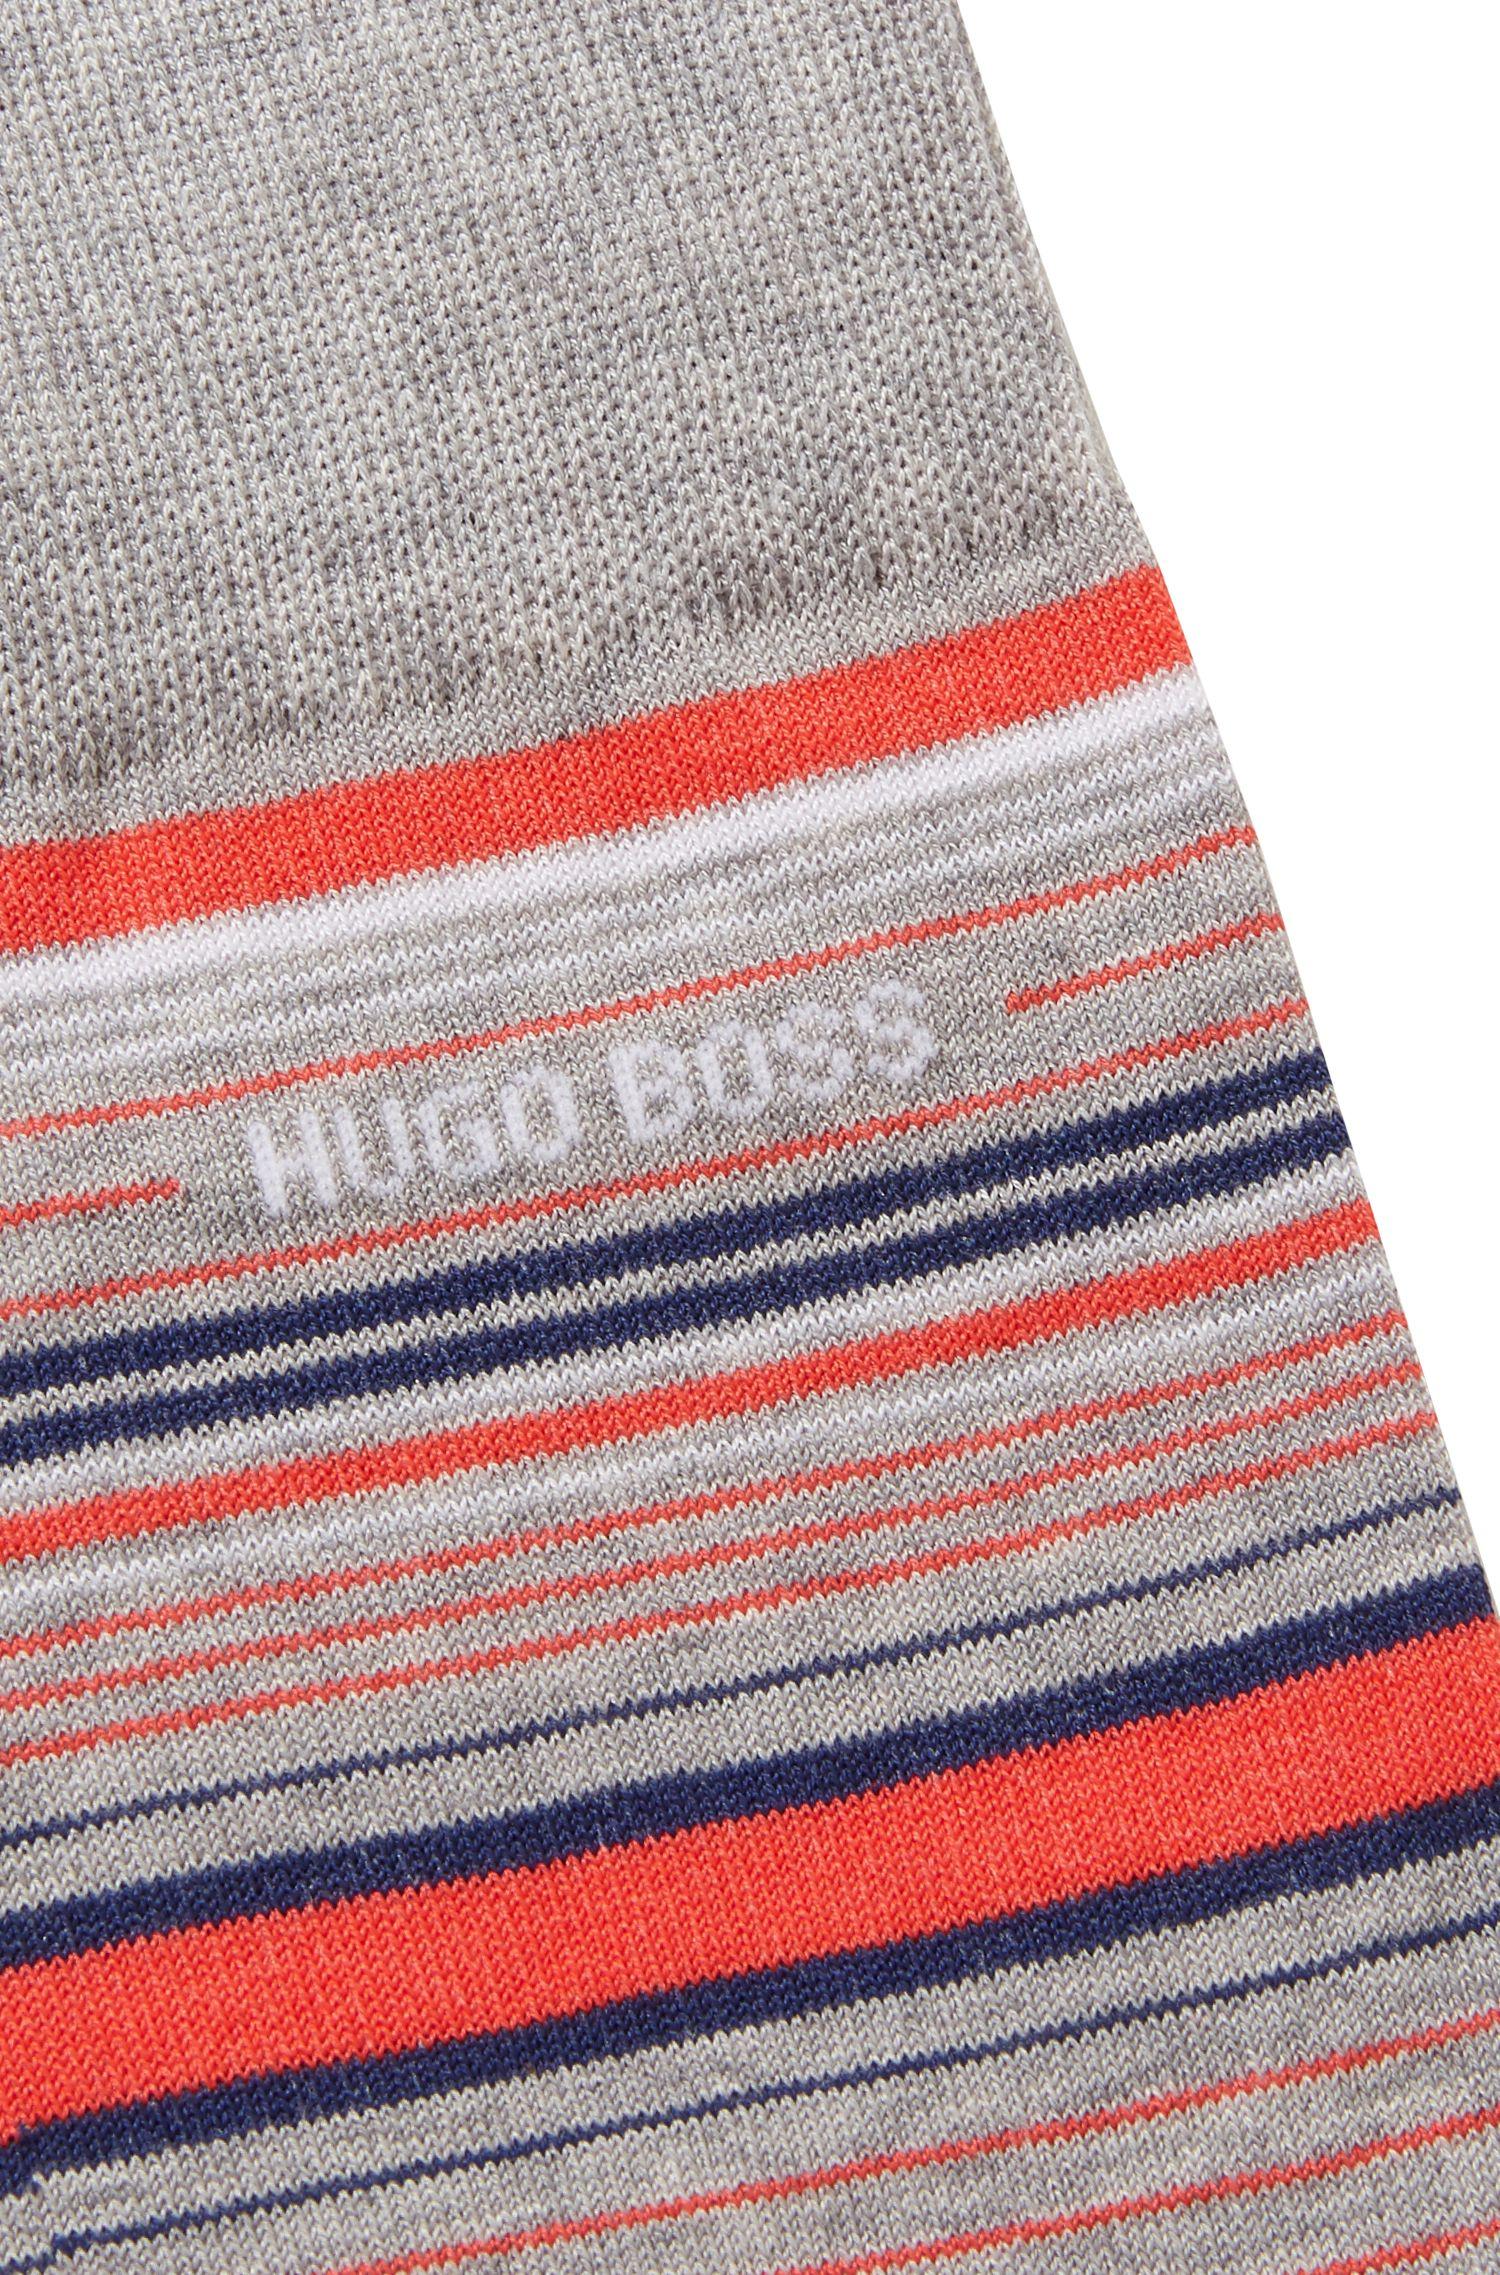 Striped socks in a mercerized cotton blend